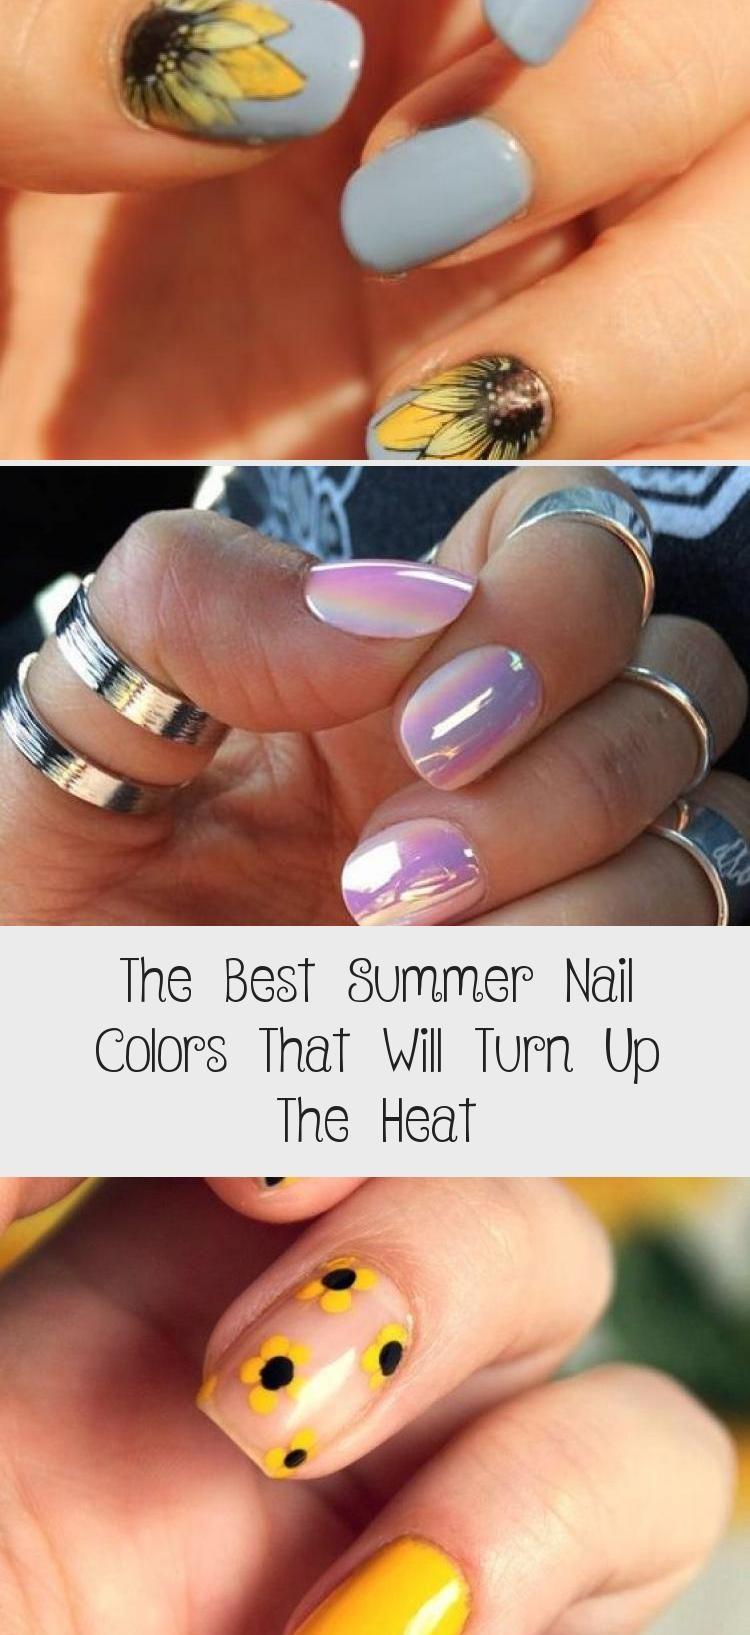 Die besten Sommer-Nagelfarben, die die Hitze erhöhen – Hautnagelpflege